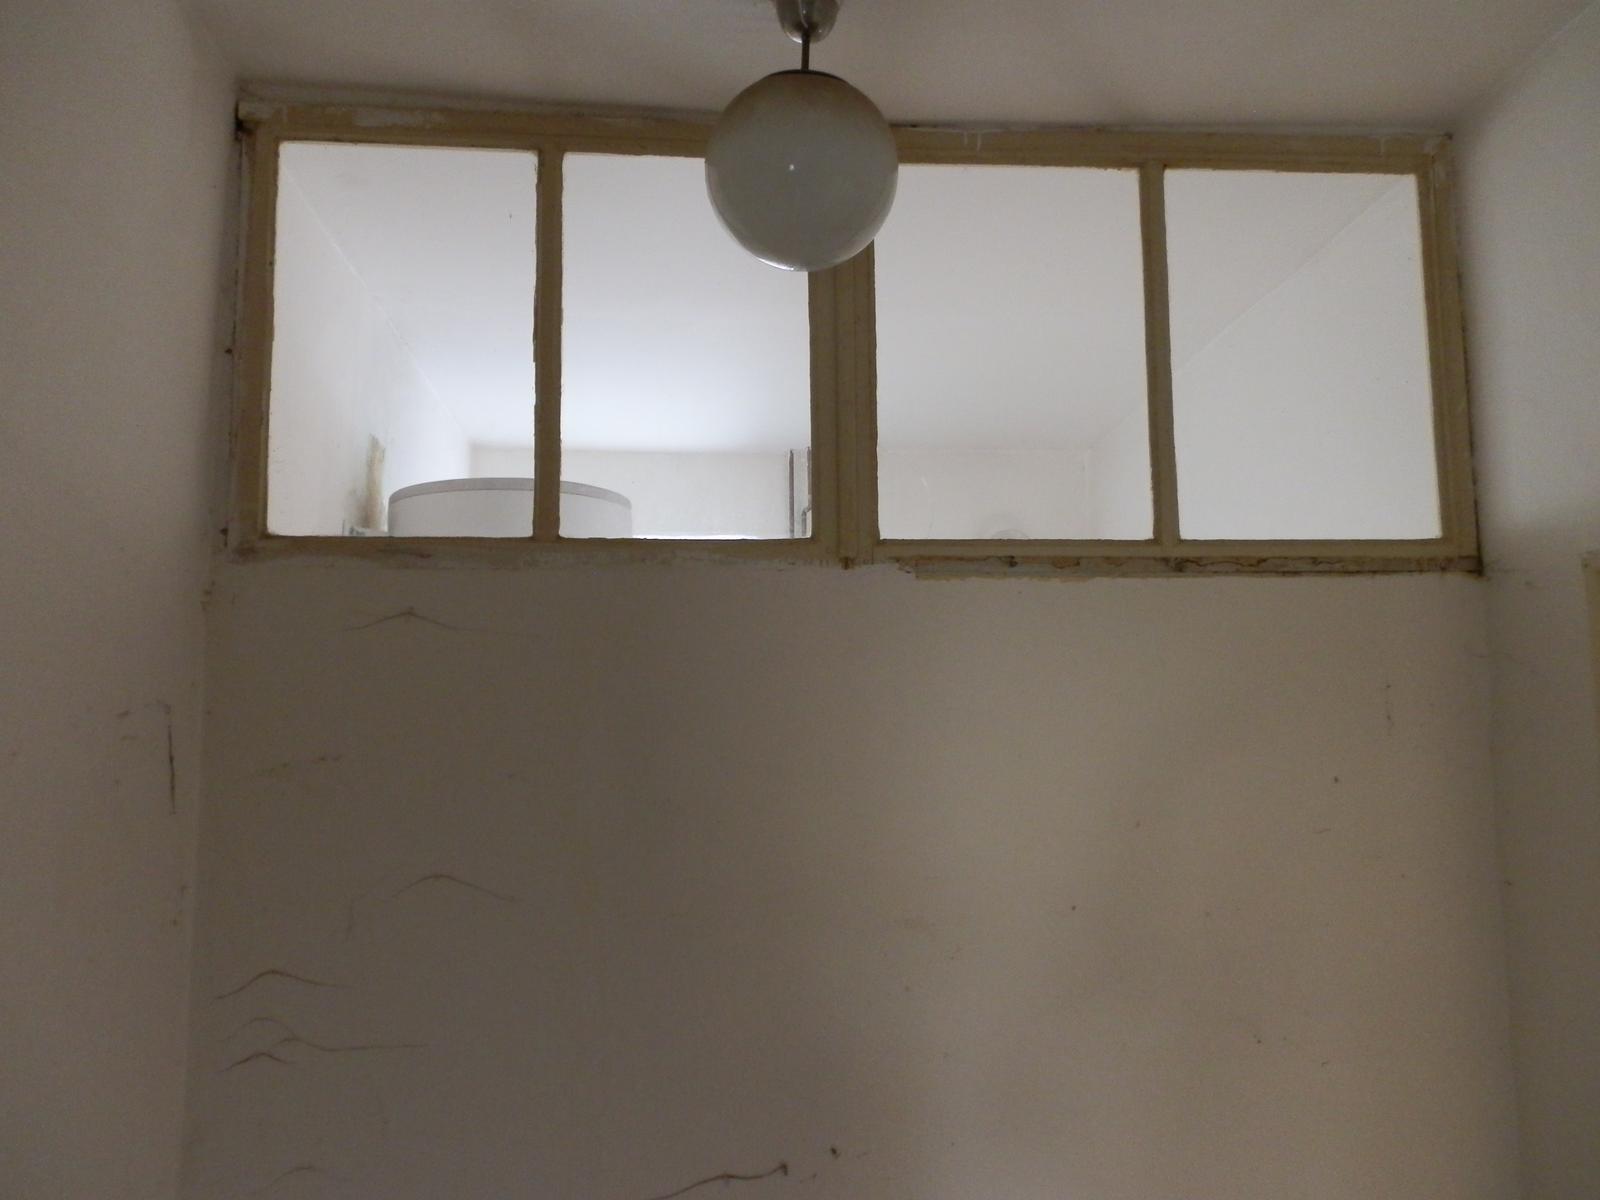 Náš byt v domě- rekonstrukce - Obrázek č. 14